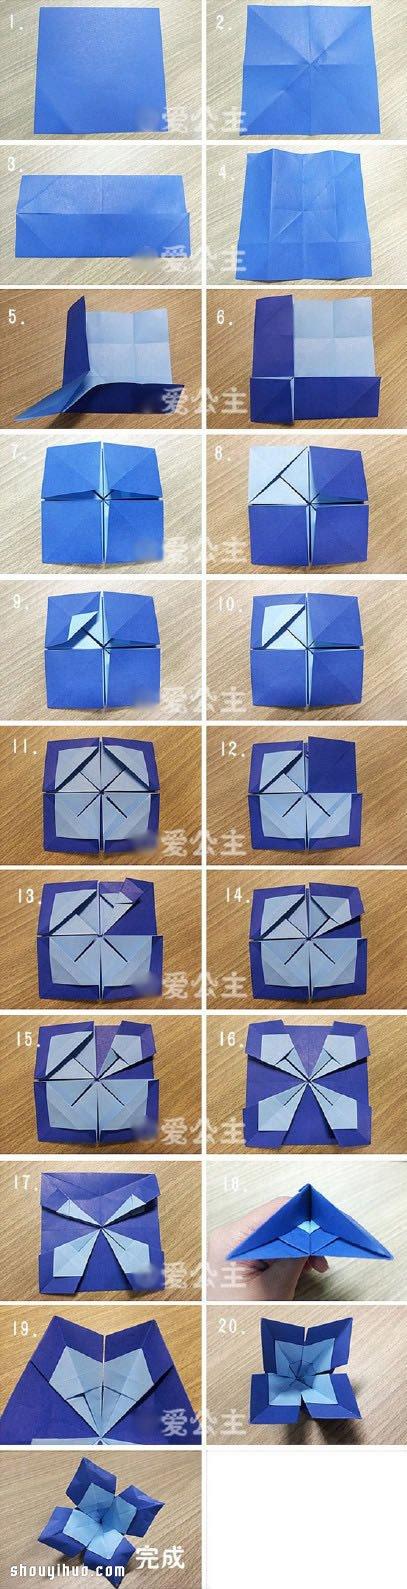 雙色四葉花的折法圖解 手工摺紙四葉花教學